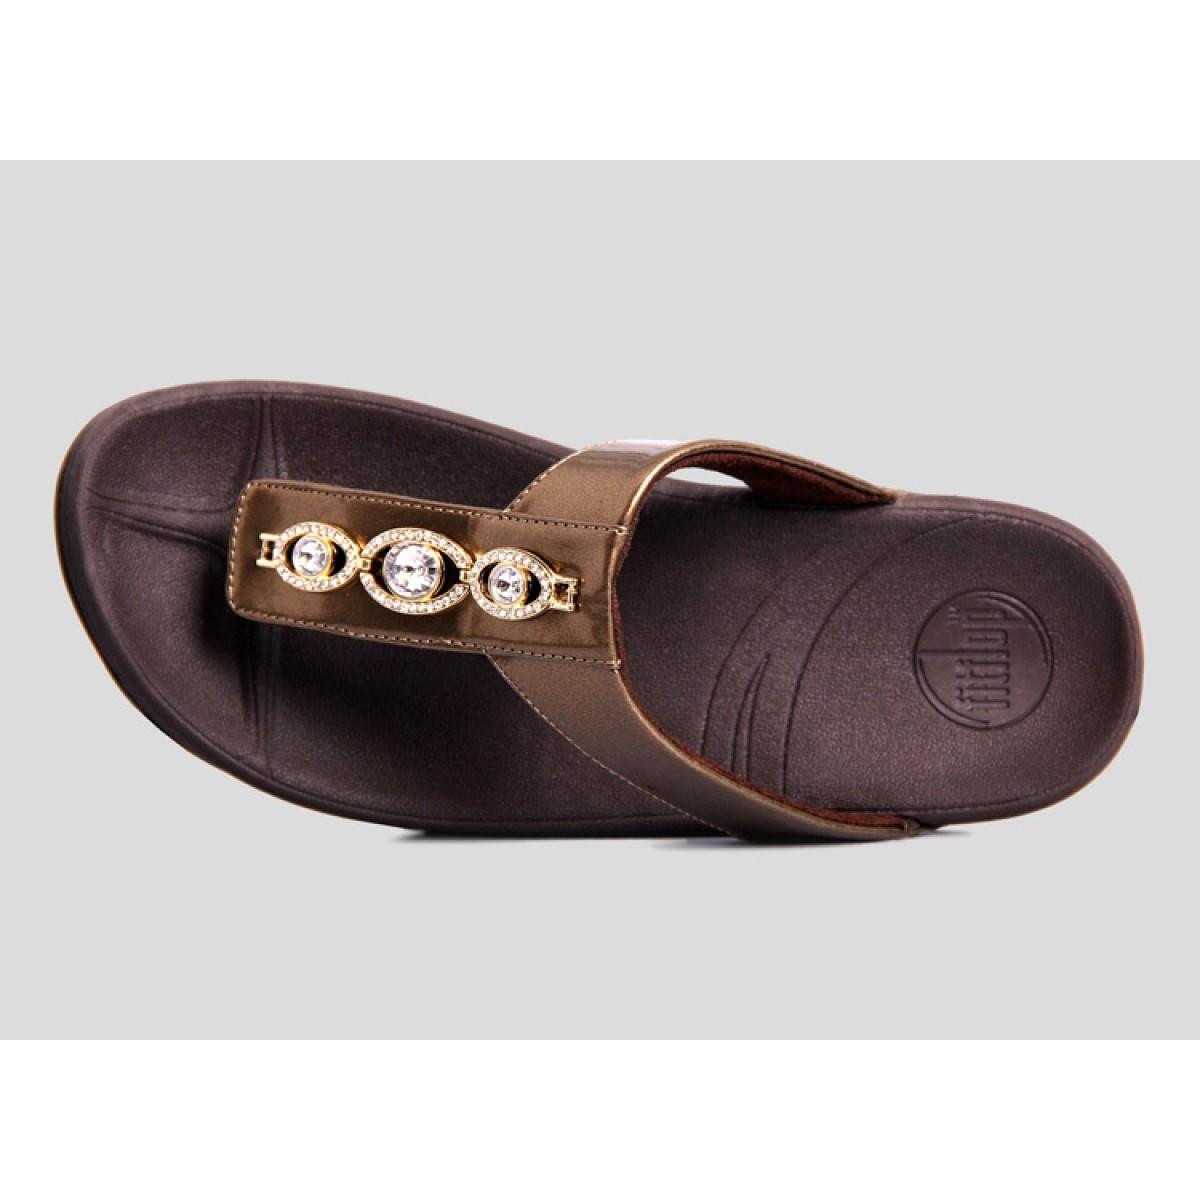 9abb0db2b85 Ladies Fitflop Hyker Sandals - Avanti Court Primary School